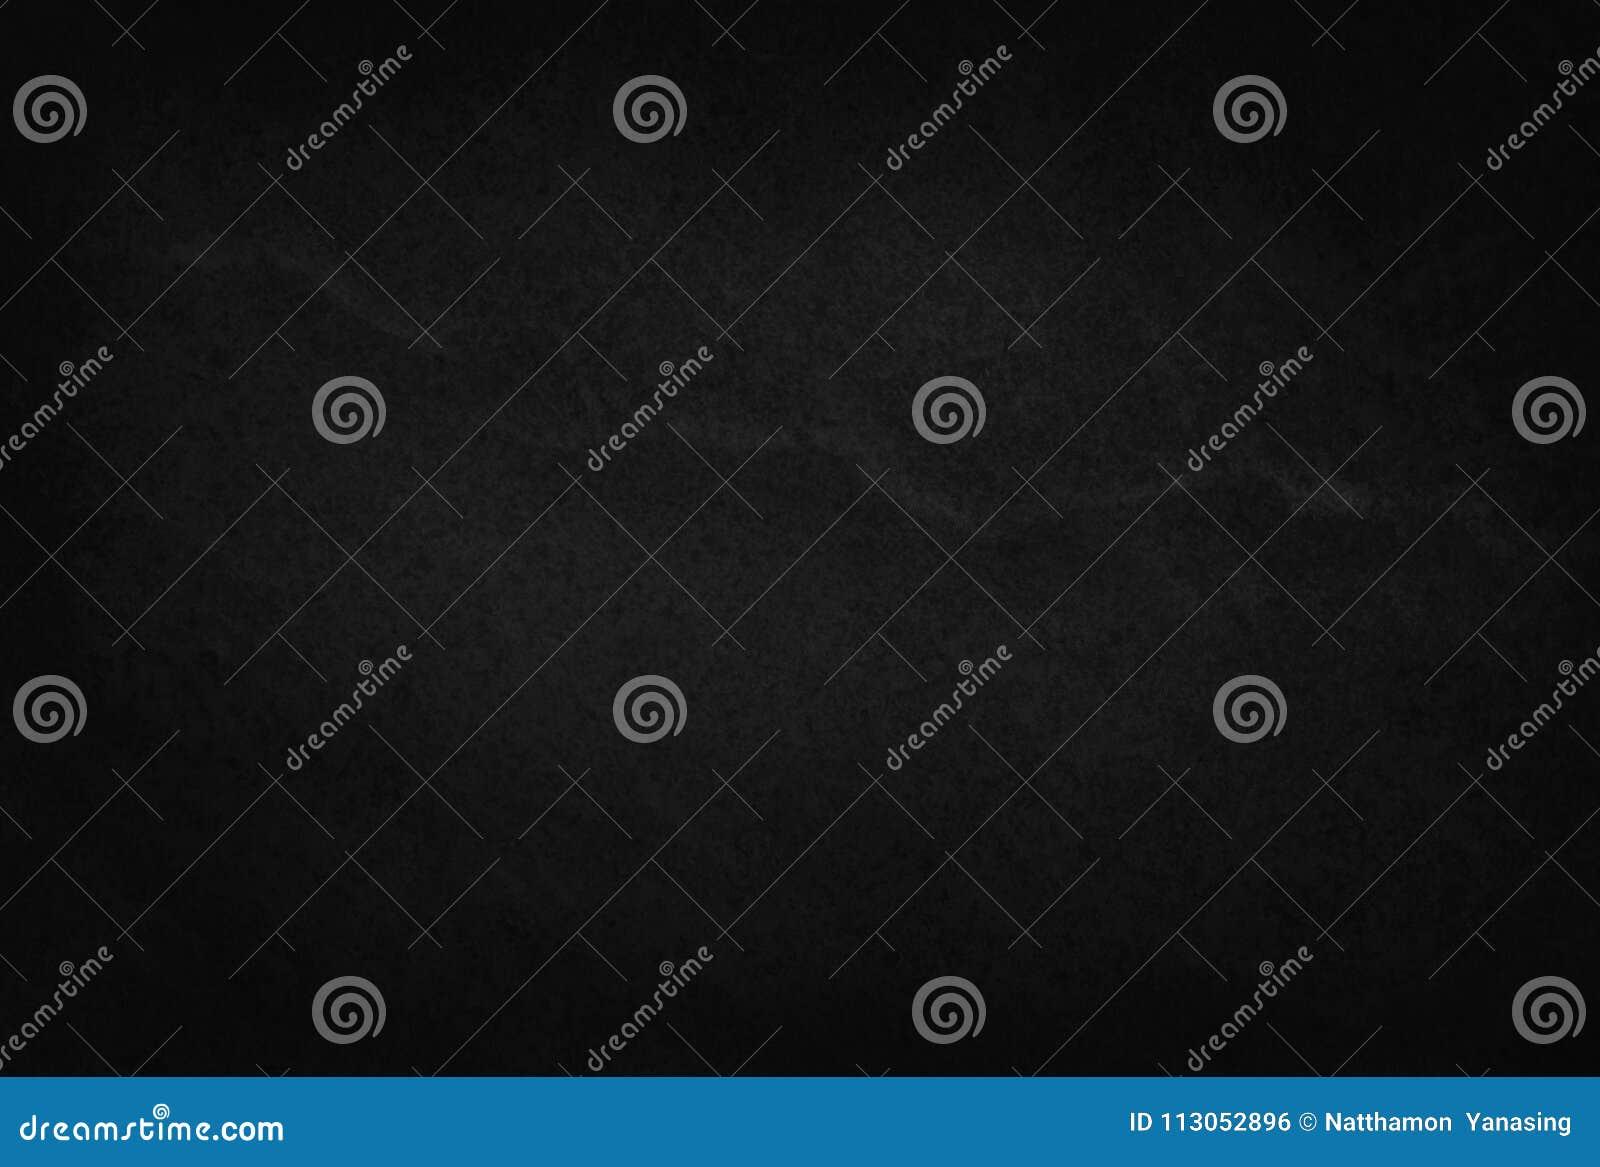 Σκούρο γκρι μαύρο φυσικό σχέδιο πλακών, μαύρο υπόβαθρο σύστασης πετρών